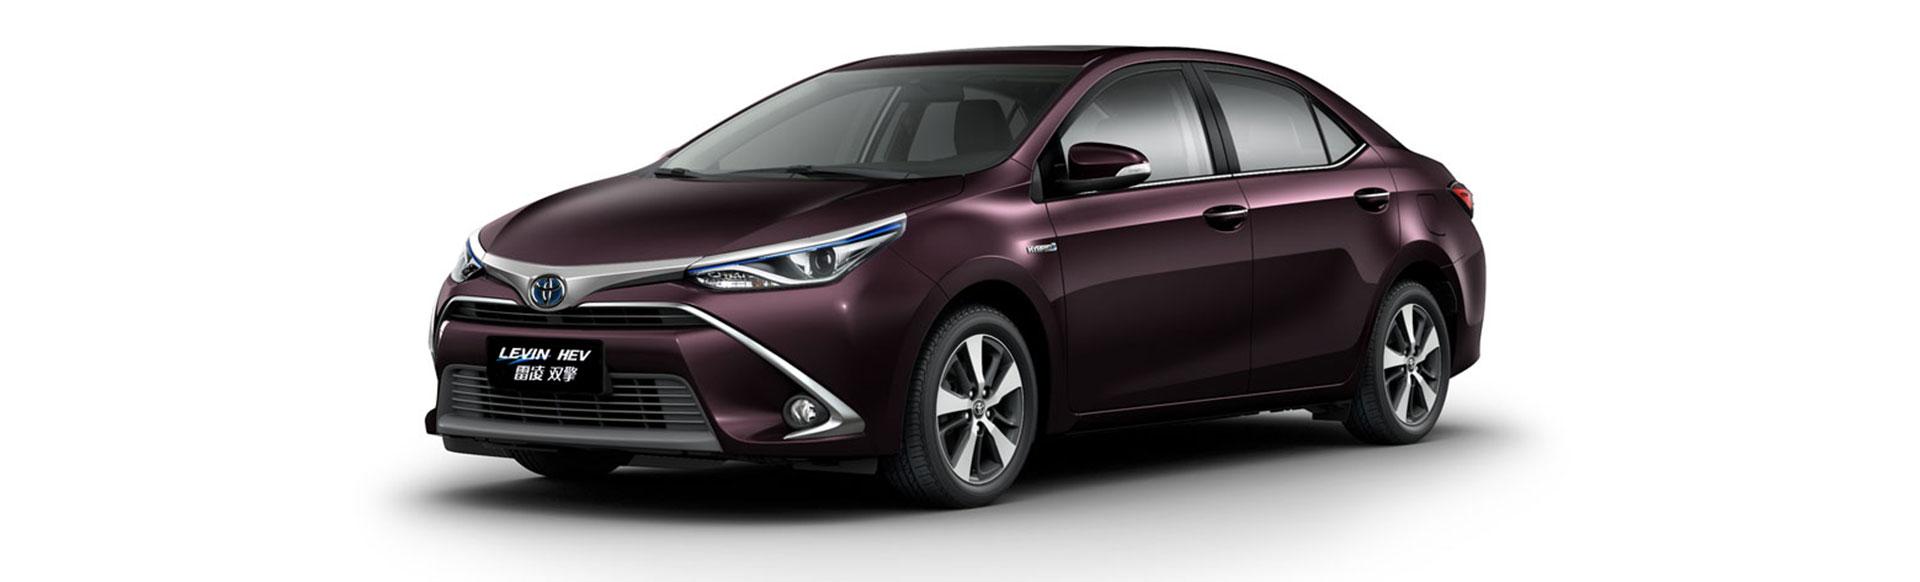 广汽丰田雷凌双擎(雷凌混动版)车型于10月29日正式